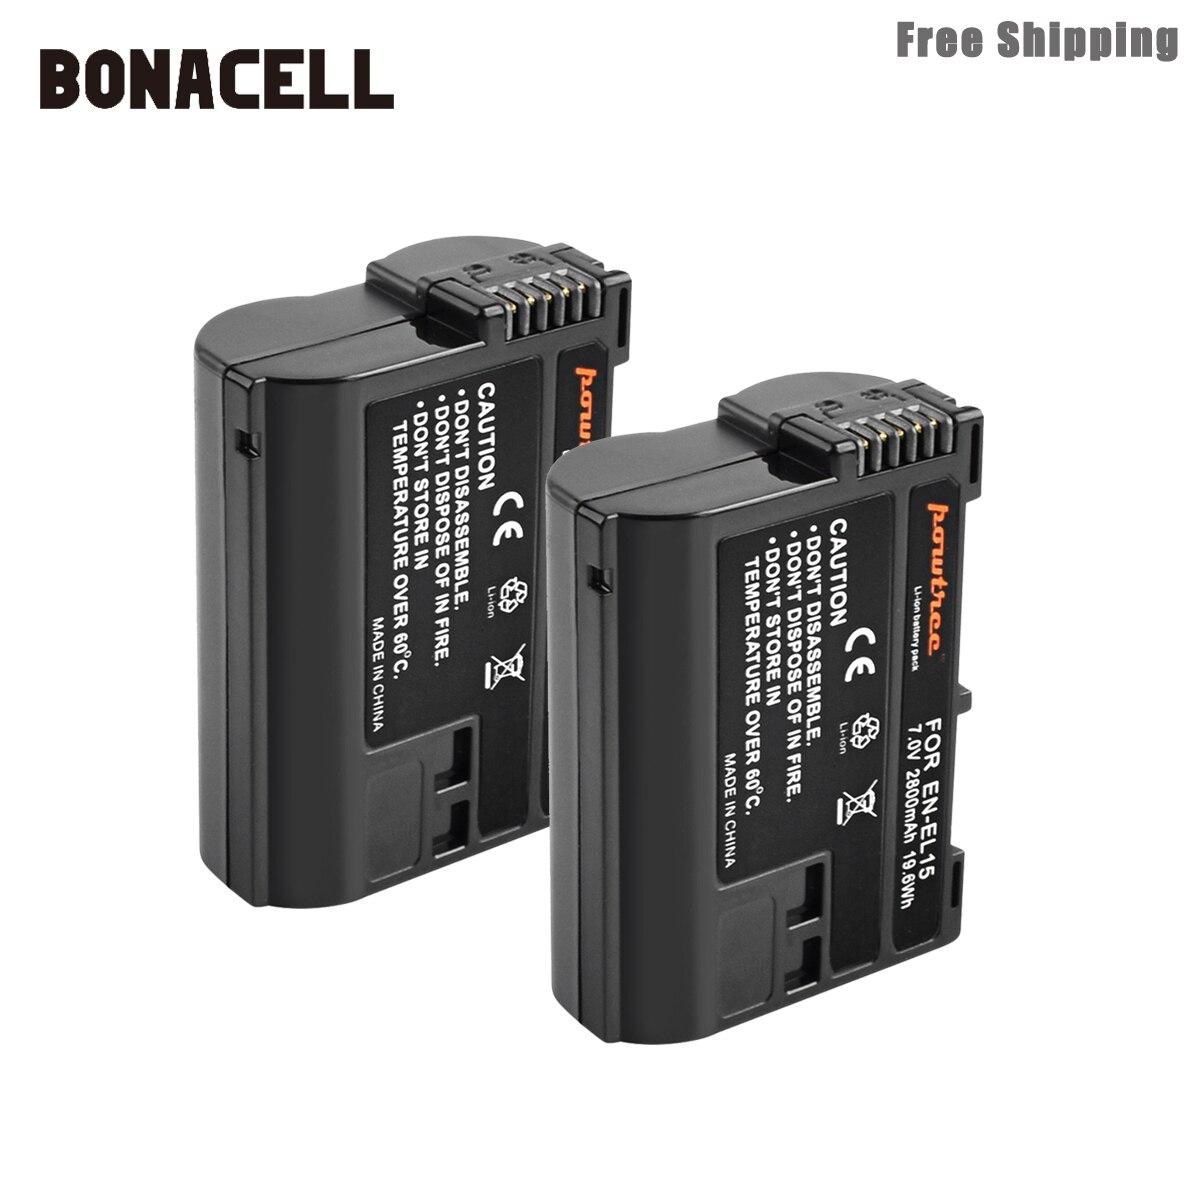 Bonacell 2800mAh EN-EL15 ENEL15 es EL15 de batería de la cámara para Nikon DSLR D600 D610 D800 D800E D810 D7000 D7100 D7200 l15